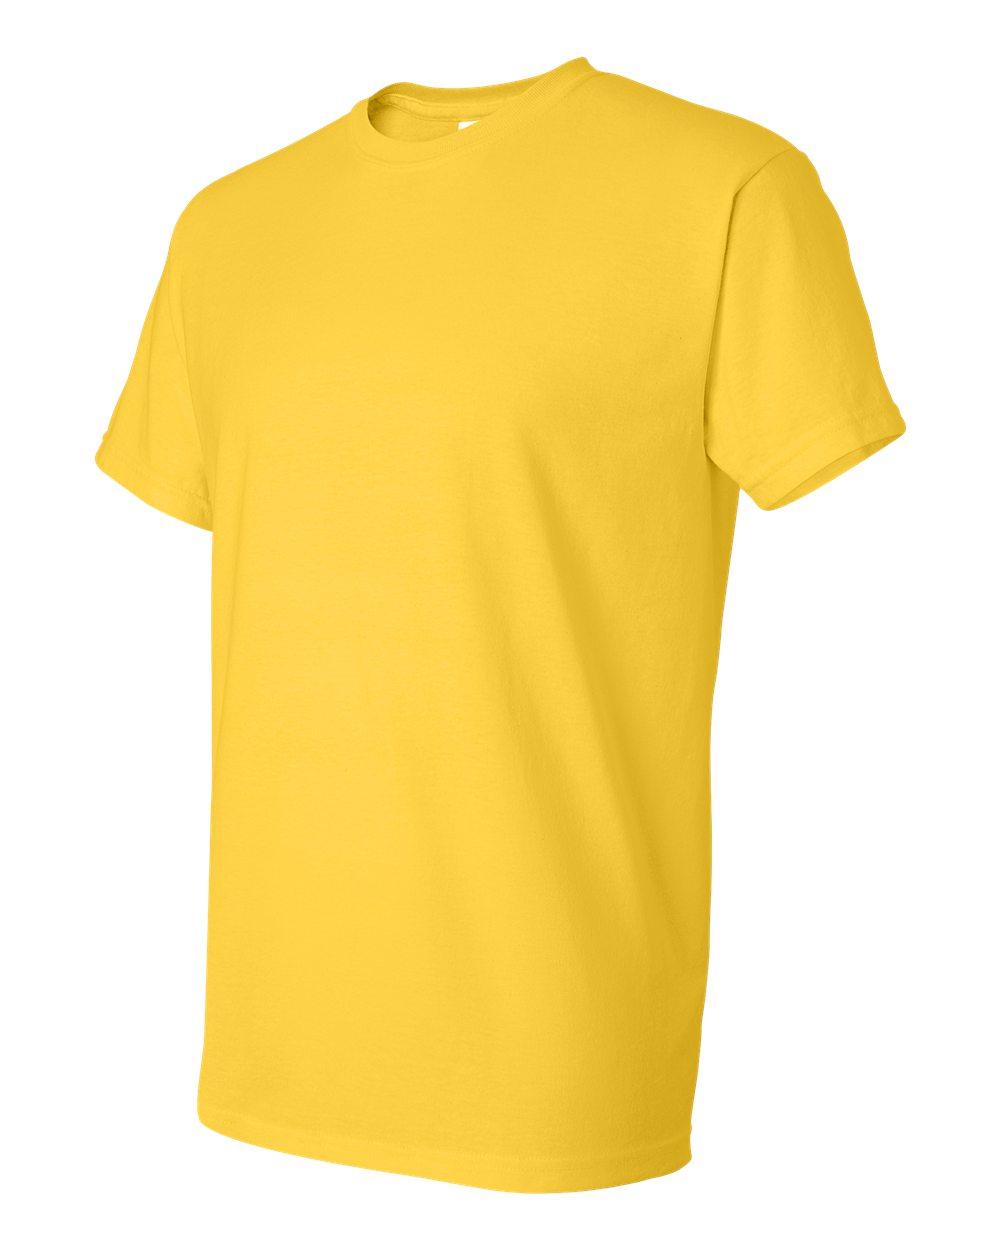 Gildan-Mens-DryBlend-5-6-oz-50-50-T-Shirt-G800-Size-S-5XL thumbnail 17